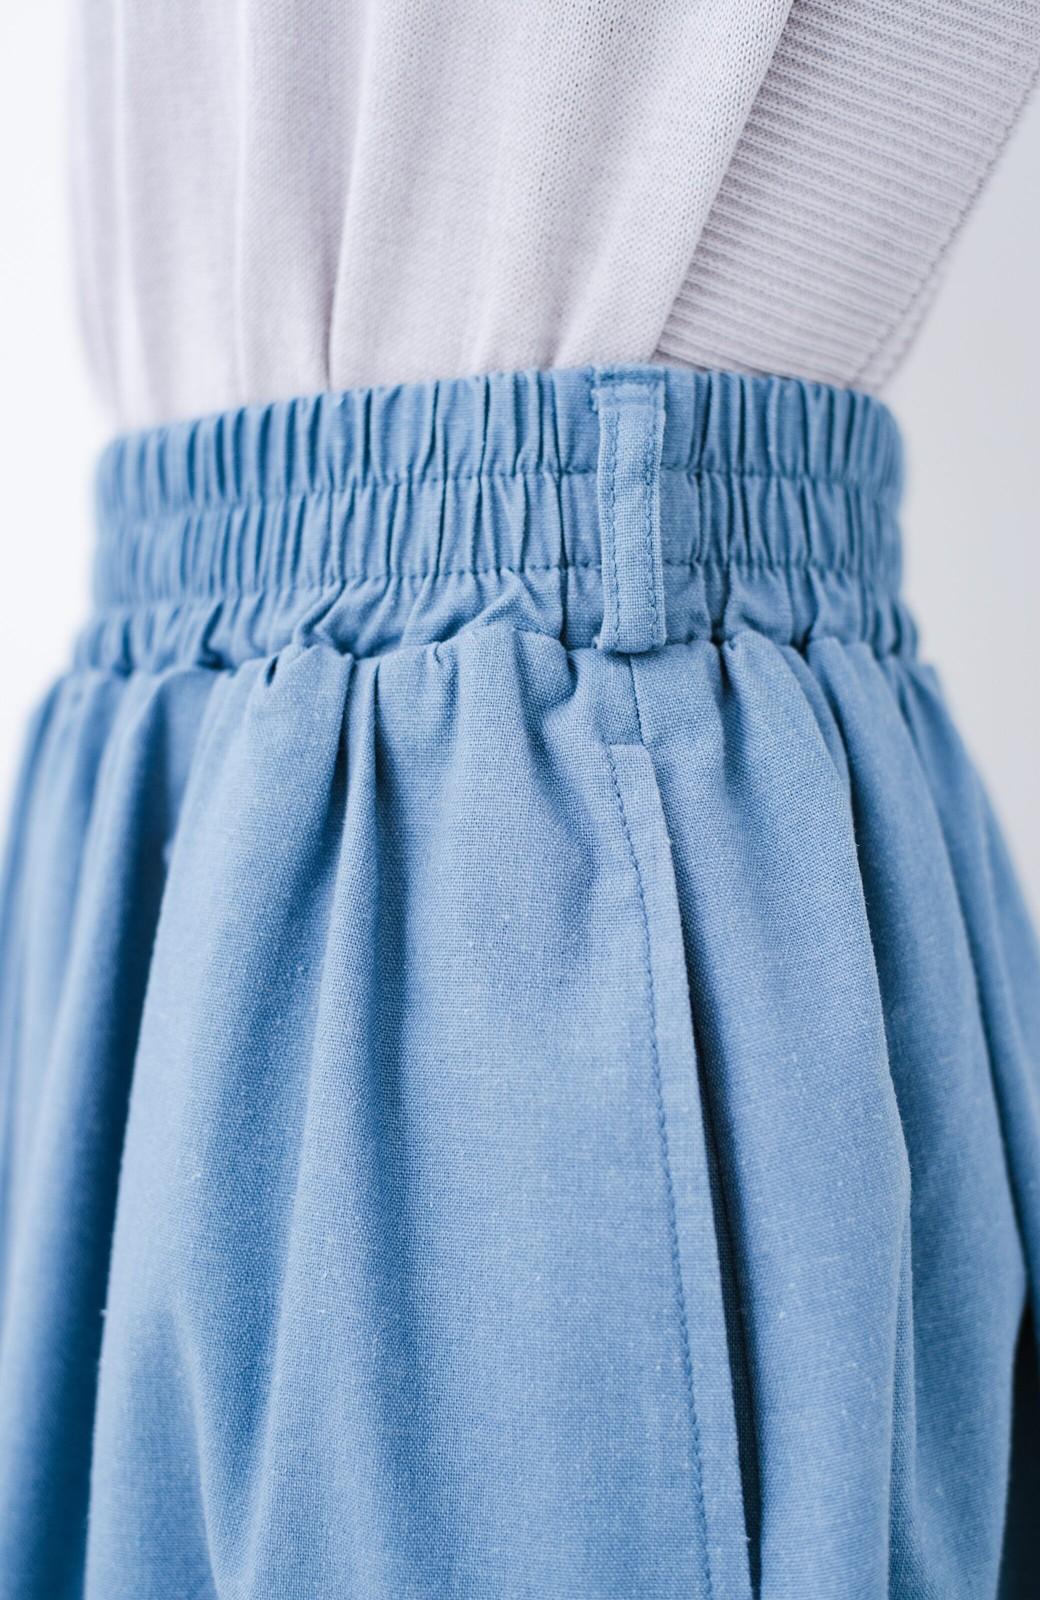 haco! 楽してスタイルが決まる 涼やか麻混スカート <ライトブルー>の商品写真8